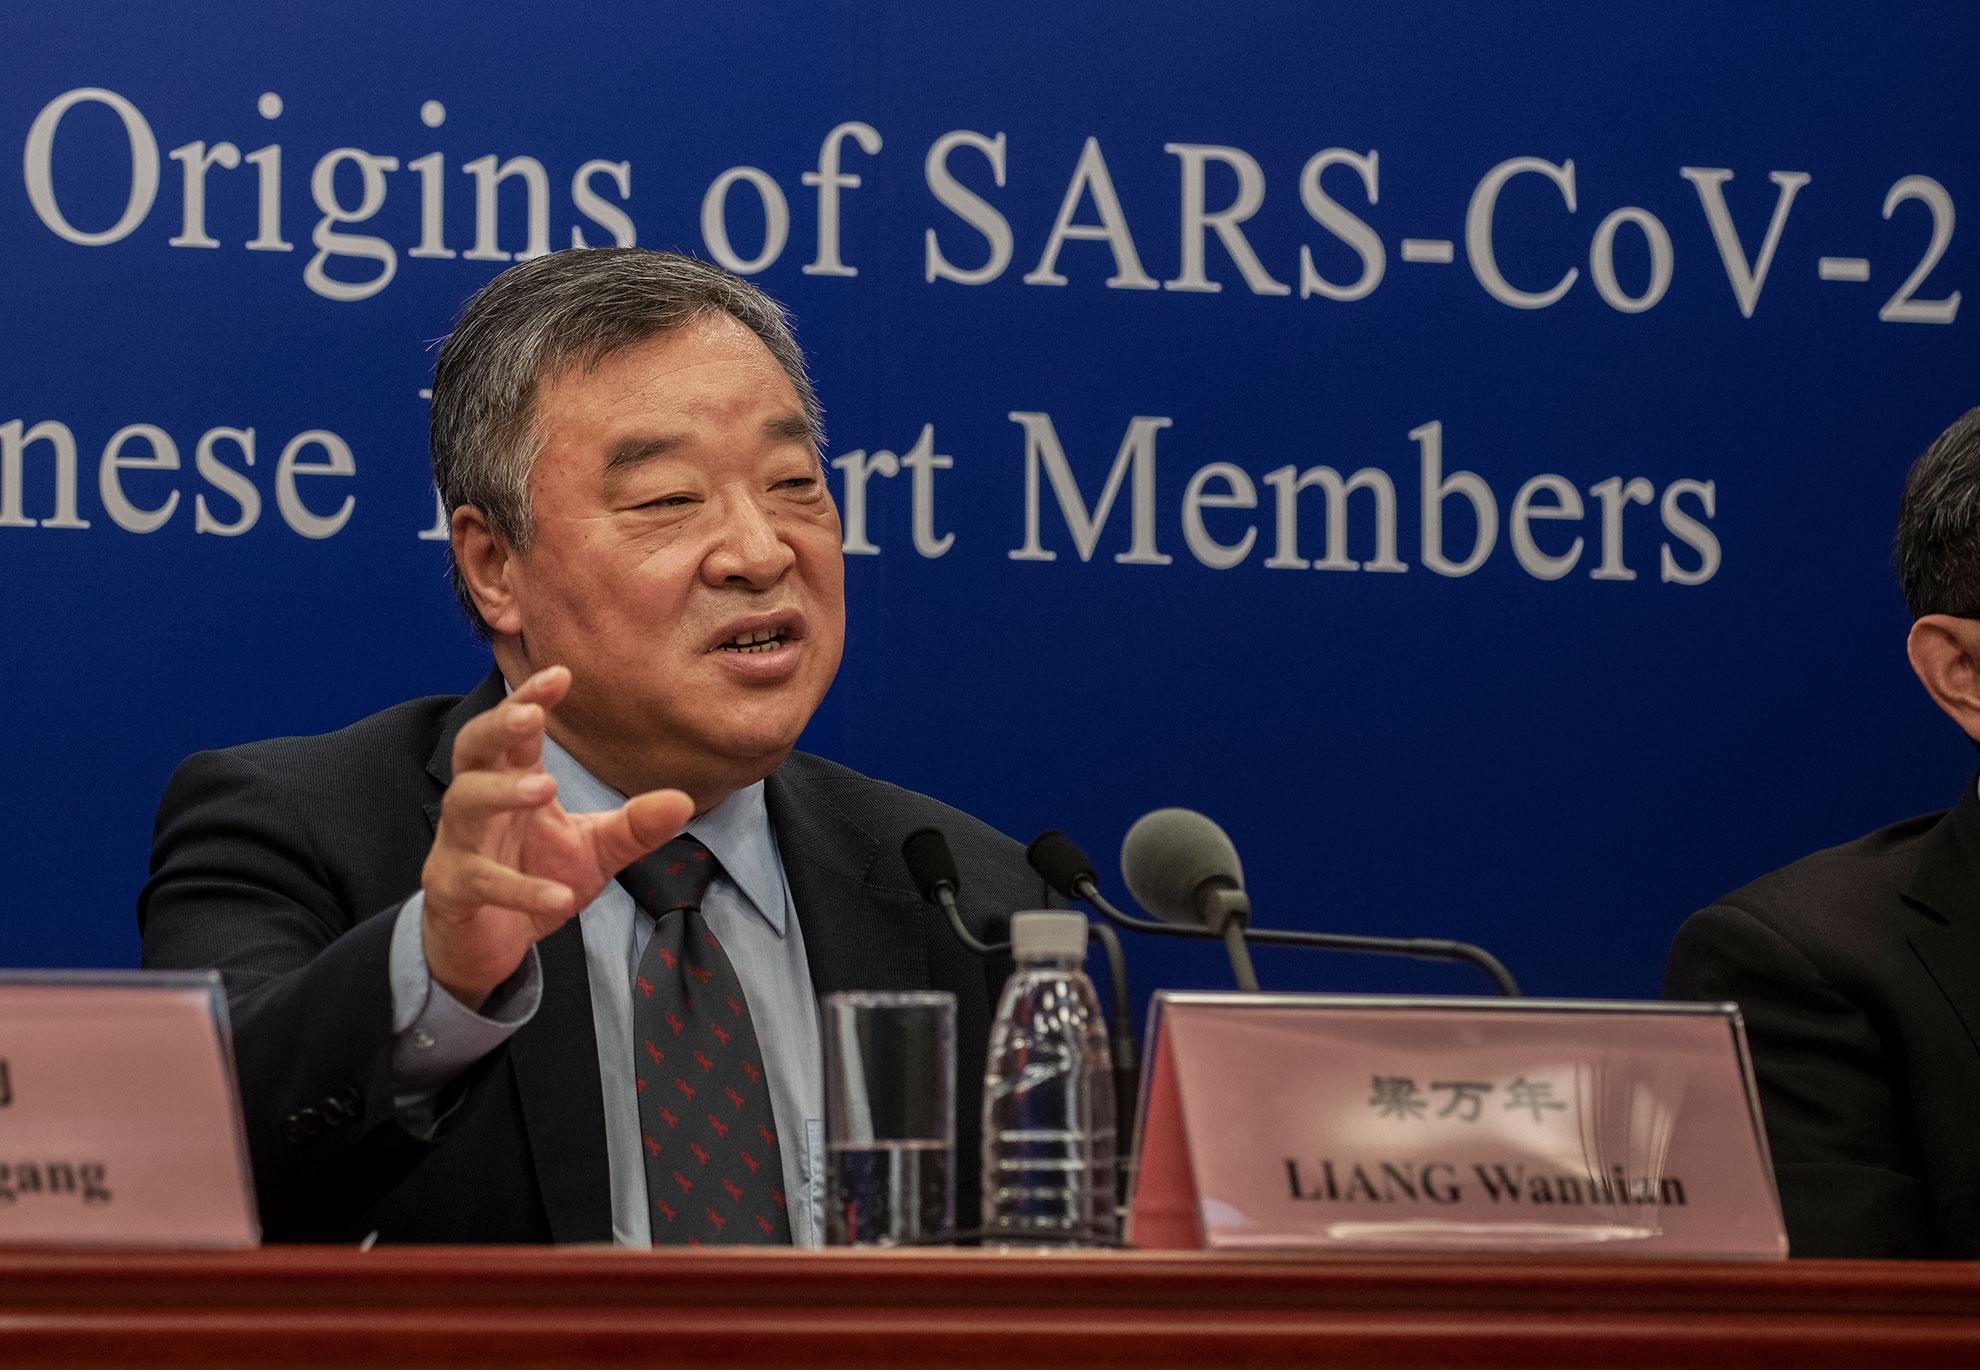 La conferenza stampa per la presentazione del nuovo rapporto dell'Oms